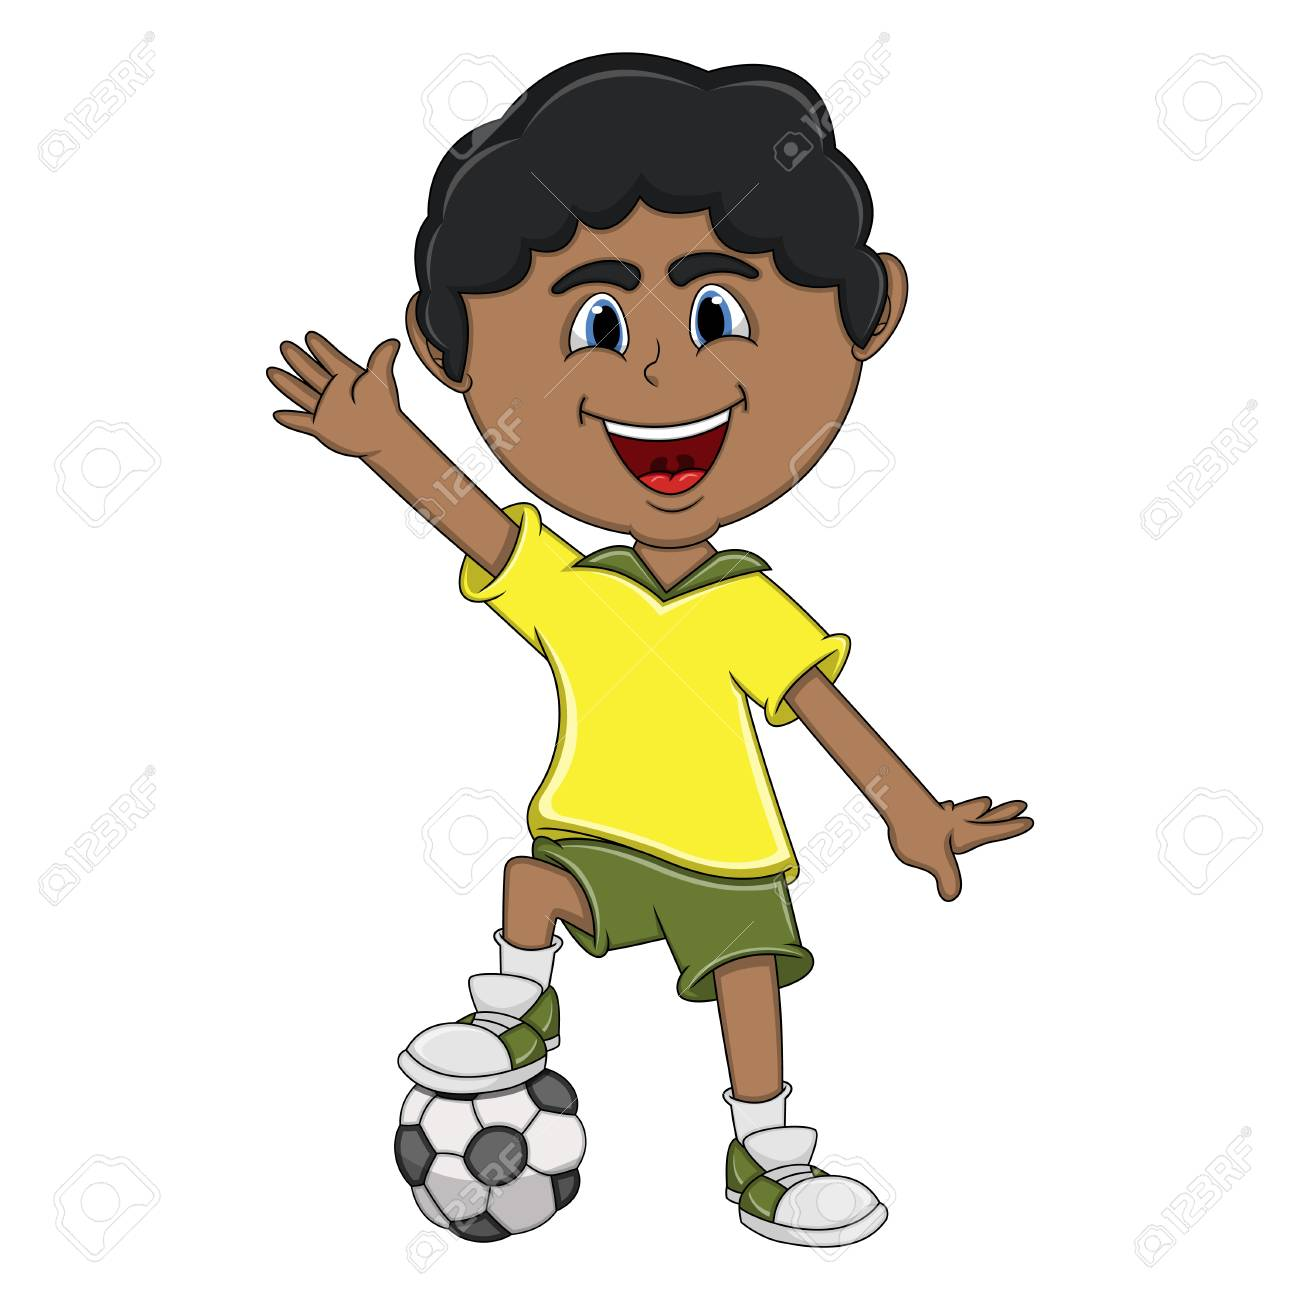 Un Nino Jugando Futbol Y Agitando Su Mano De Dibujos Animados